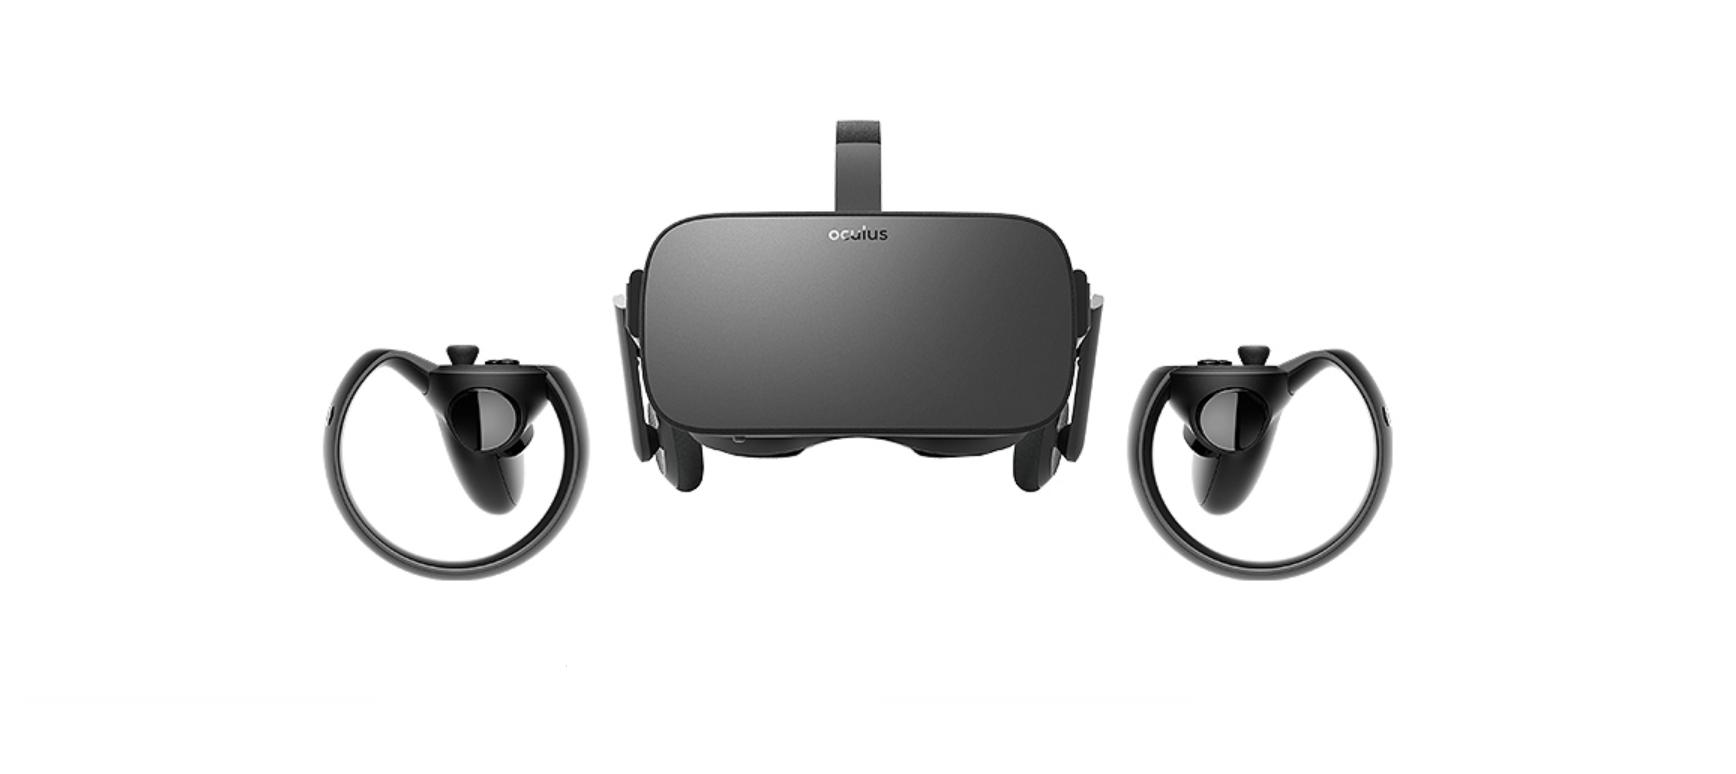 کمپانی Oculus قیمت هدست واقعیت مجازی خود را کاهش داد